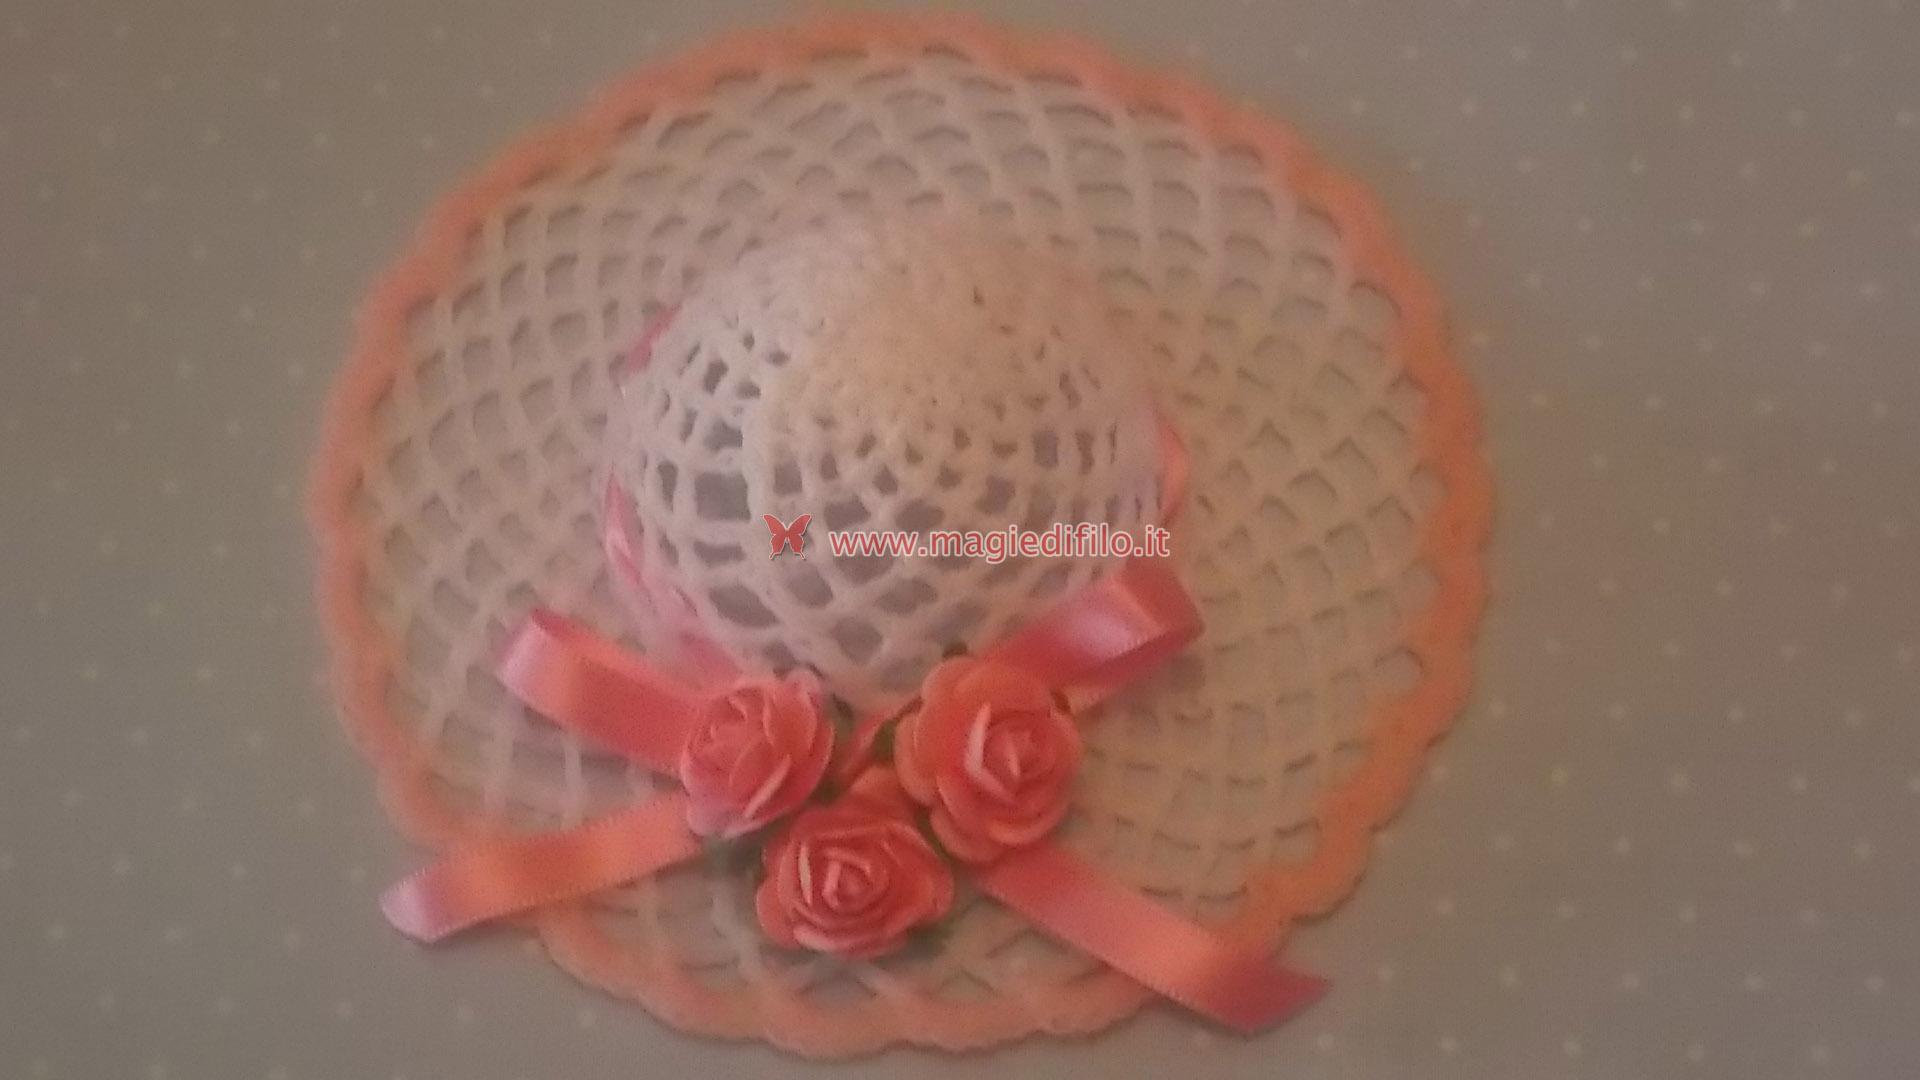 Tutorial per realizzare cappellino inamidato bomboniera - magiedifilo.it  punto croce uncinetto schemi gratis hobby creativi c9612af8f59d